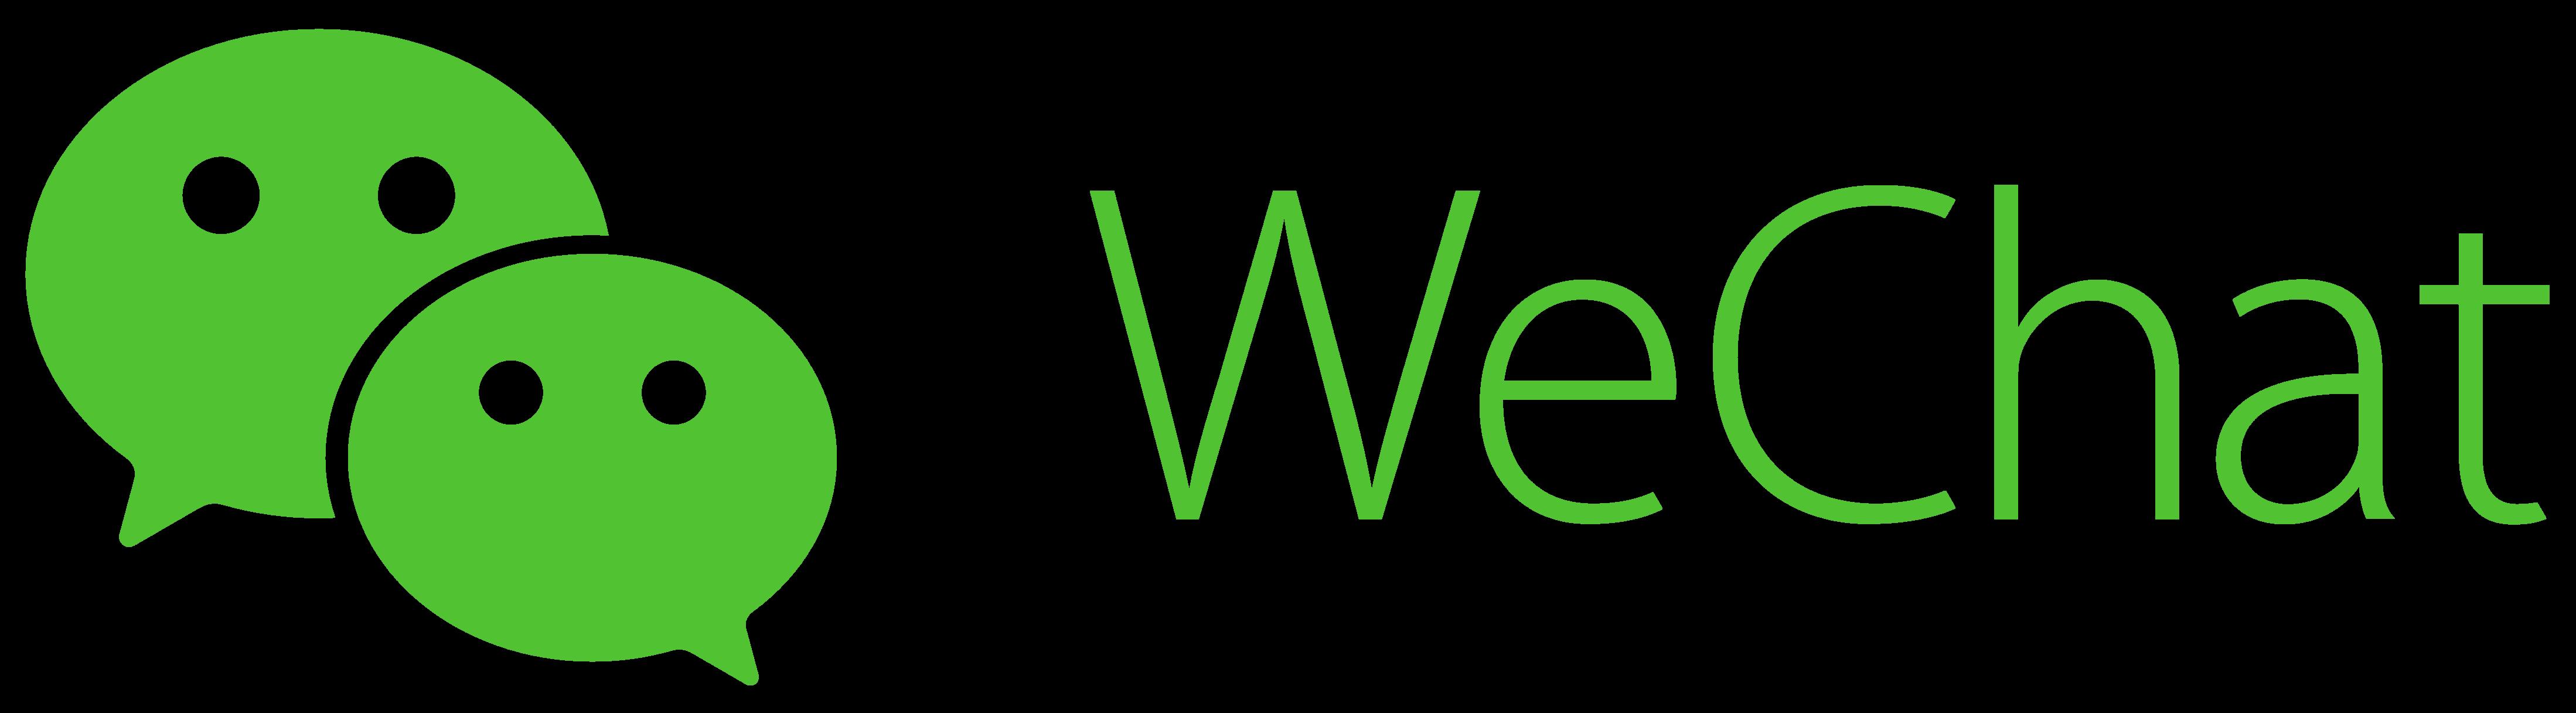 WeChat logo, wordmark - Wechat Logo Vector PNG